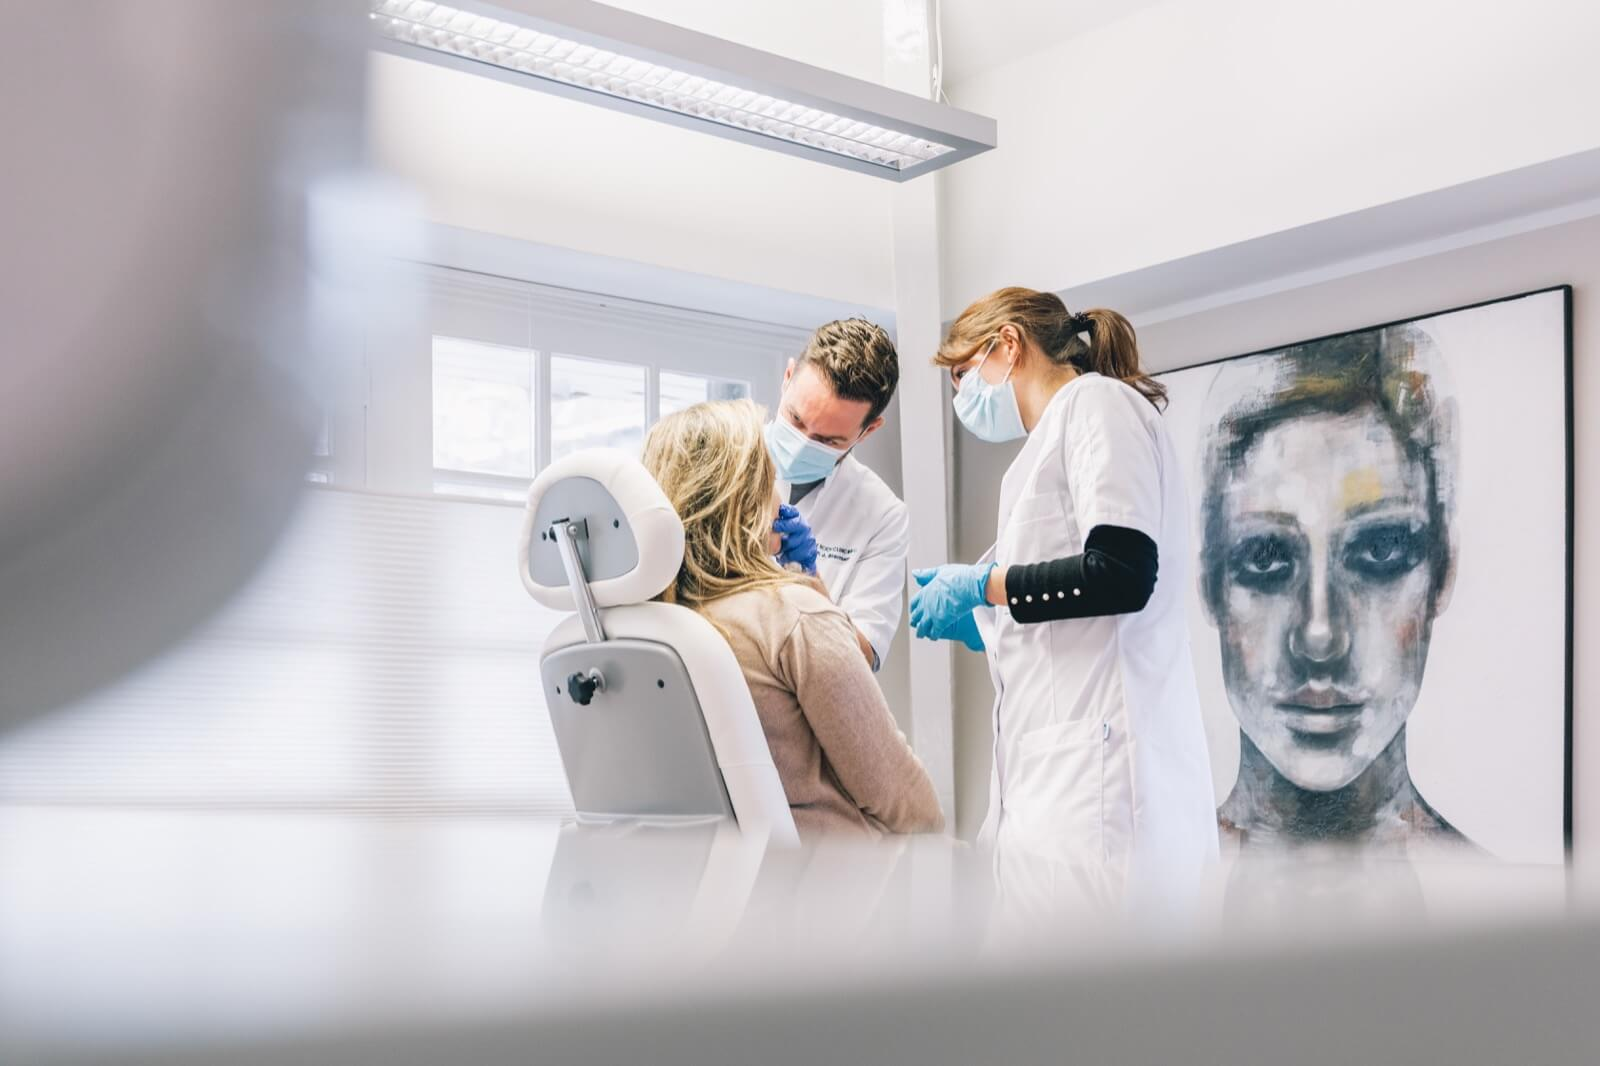 utrecht behandeling artsen body clinic